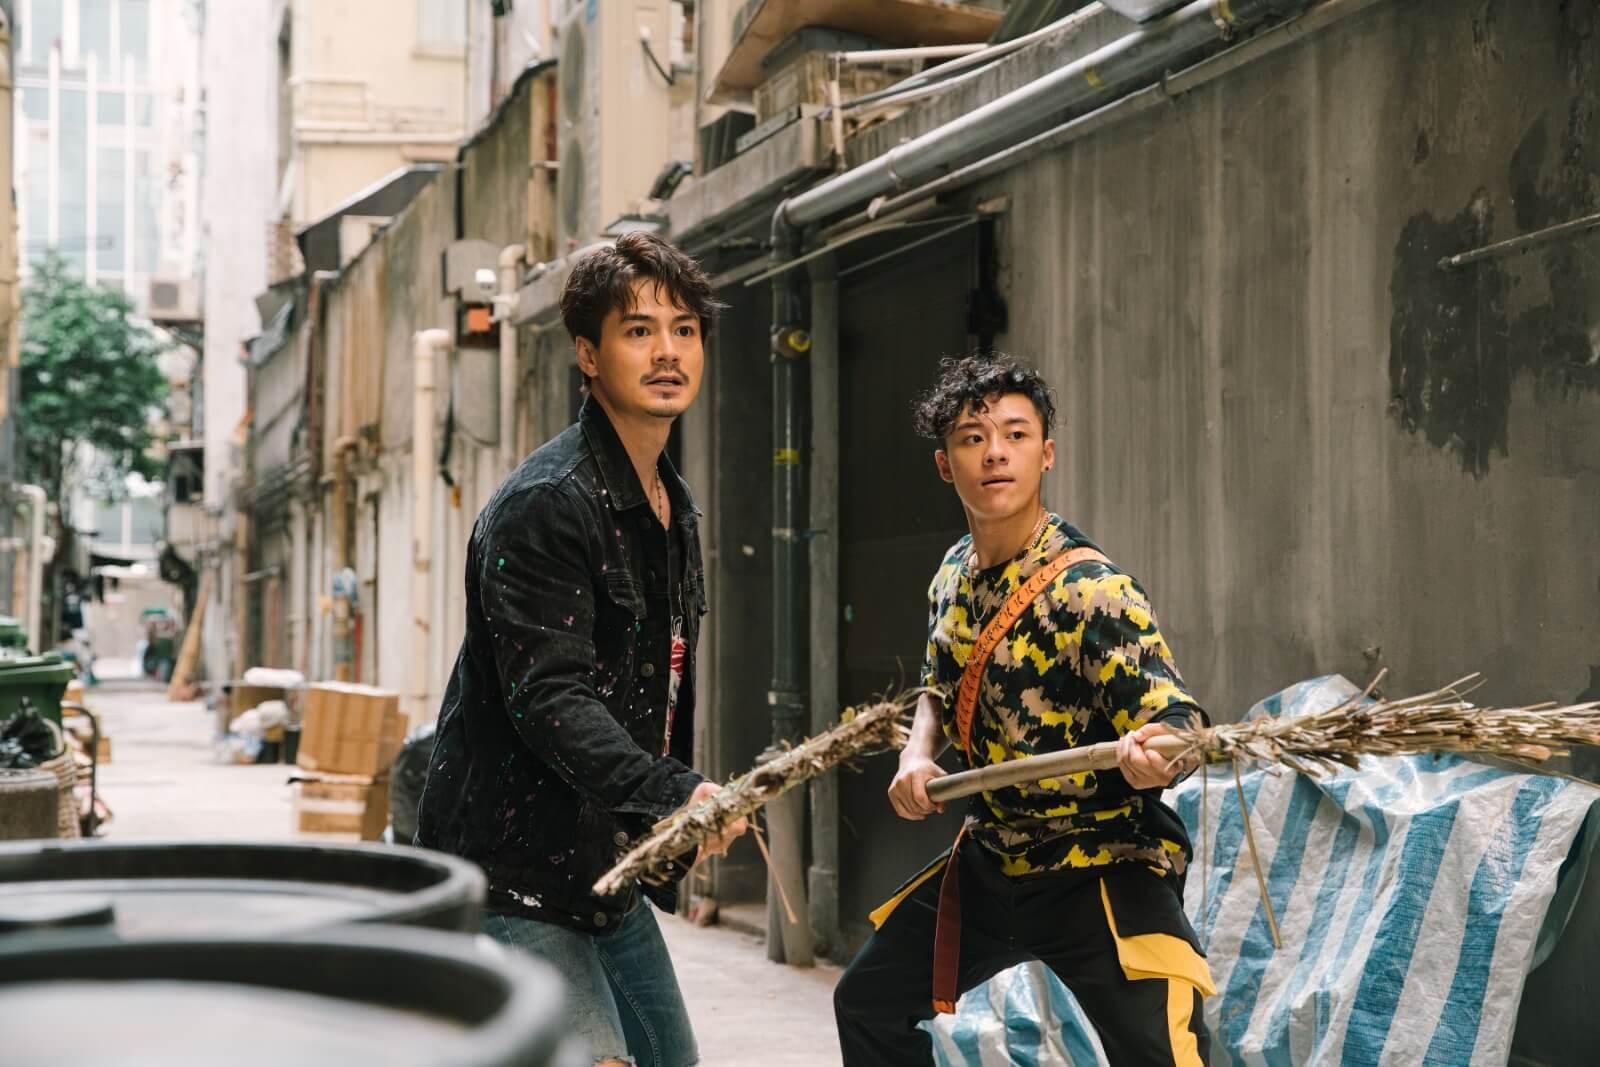 在《陀槍師姐2021》劇中跟羅子溢最多對手戲,關曜雋說子溢當他弟弟一樣,令他喜出望外,而且鏡頭前後都很照顧,使他很快就投入了角色中。